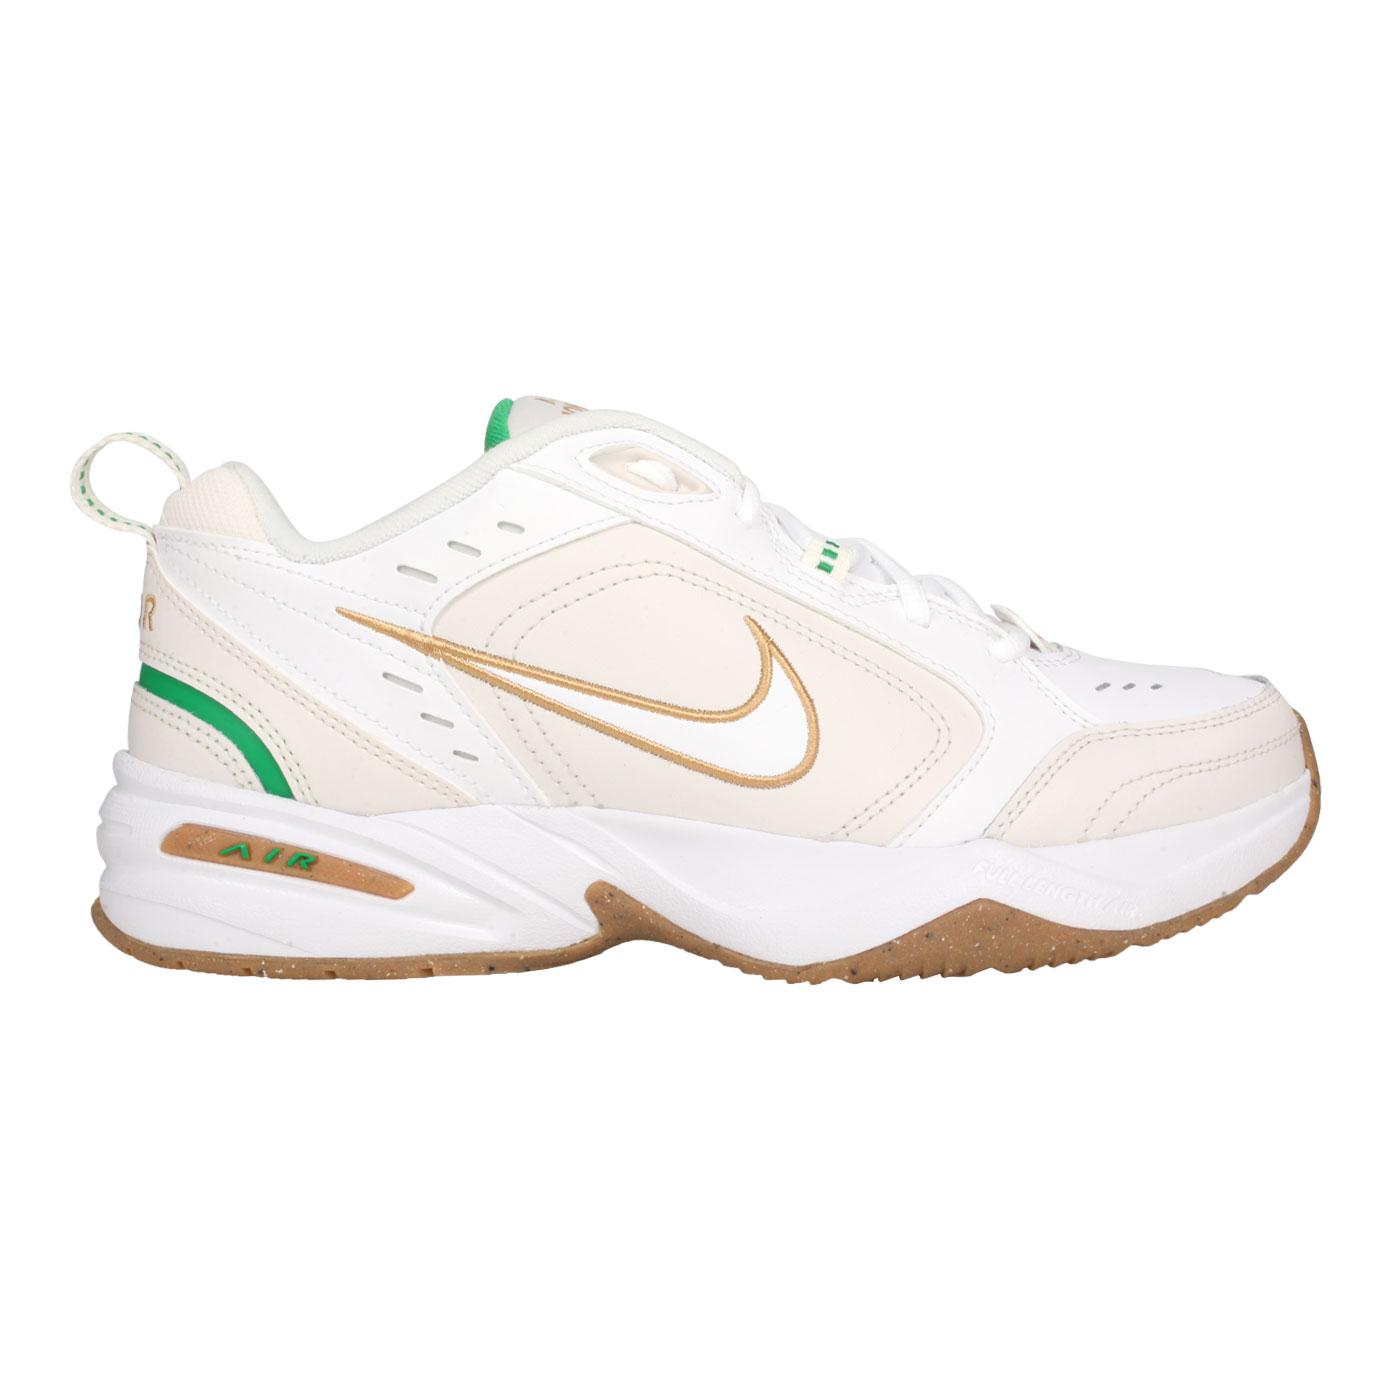 NIKE 男款休閒運動鞋 415445103 - 白米白棕綠